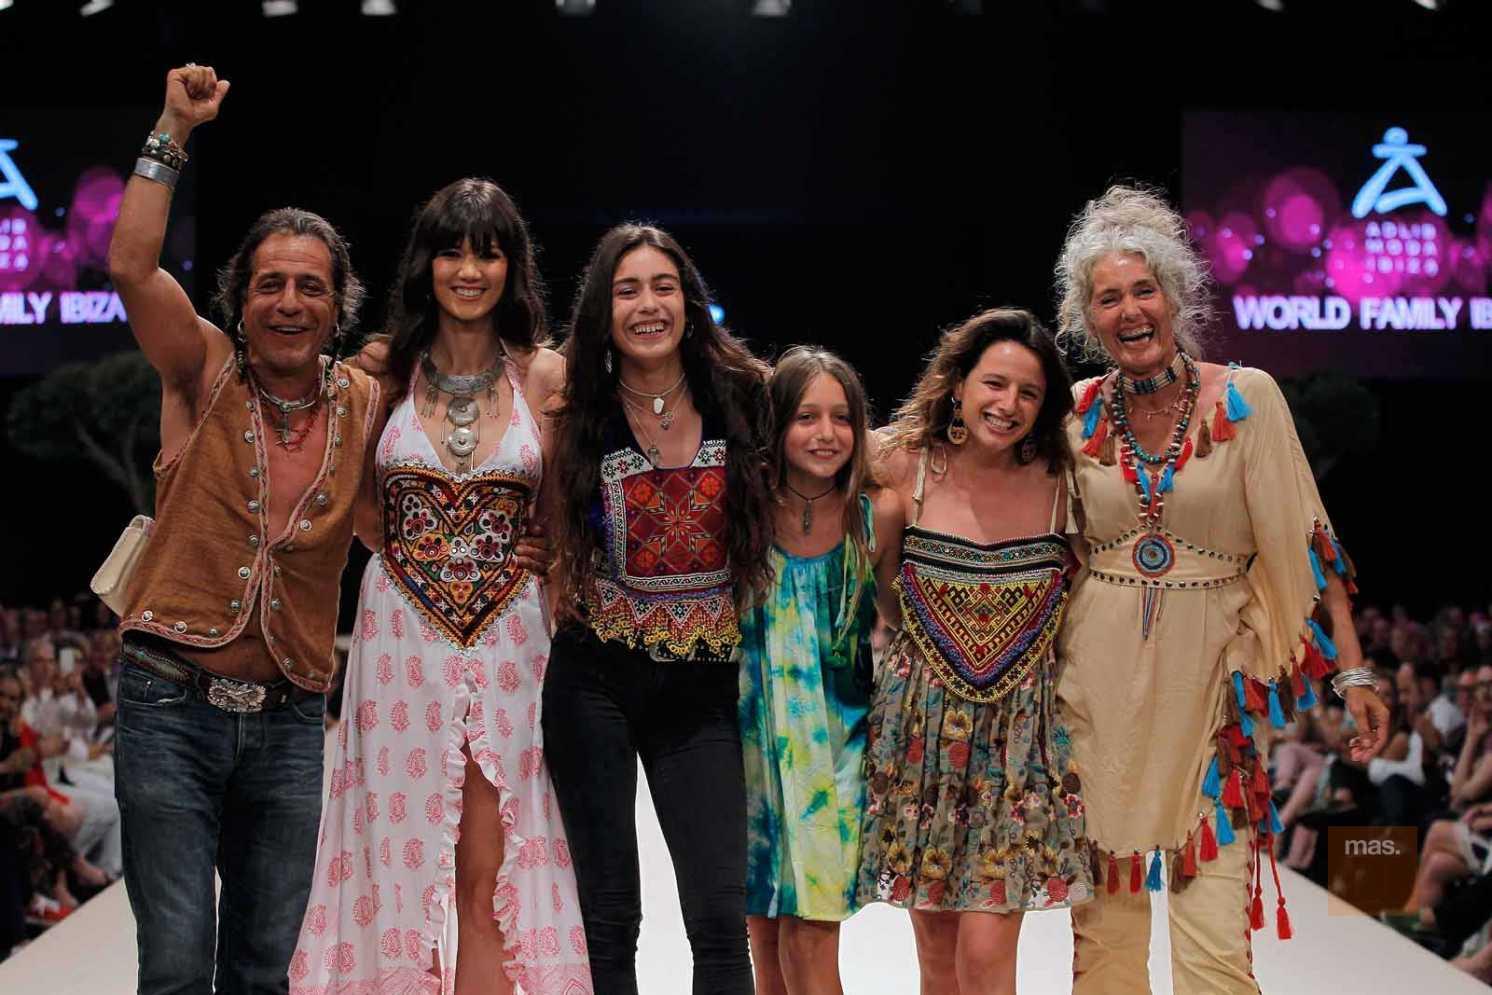 World Family Ibiza. Prendas artesanales para reflejar la belleza del mundo